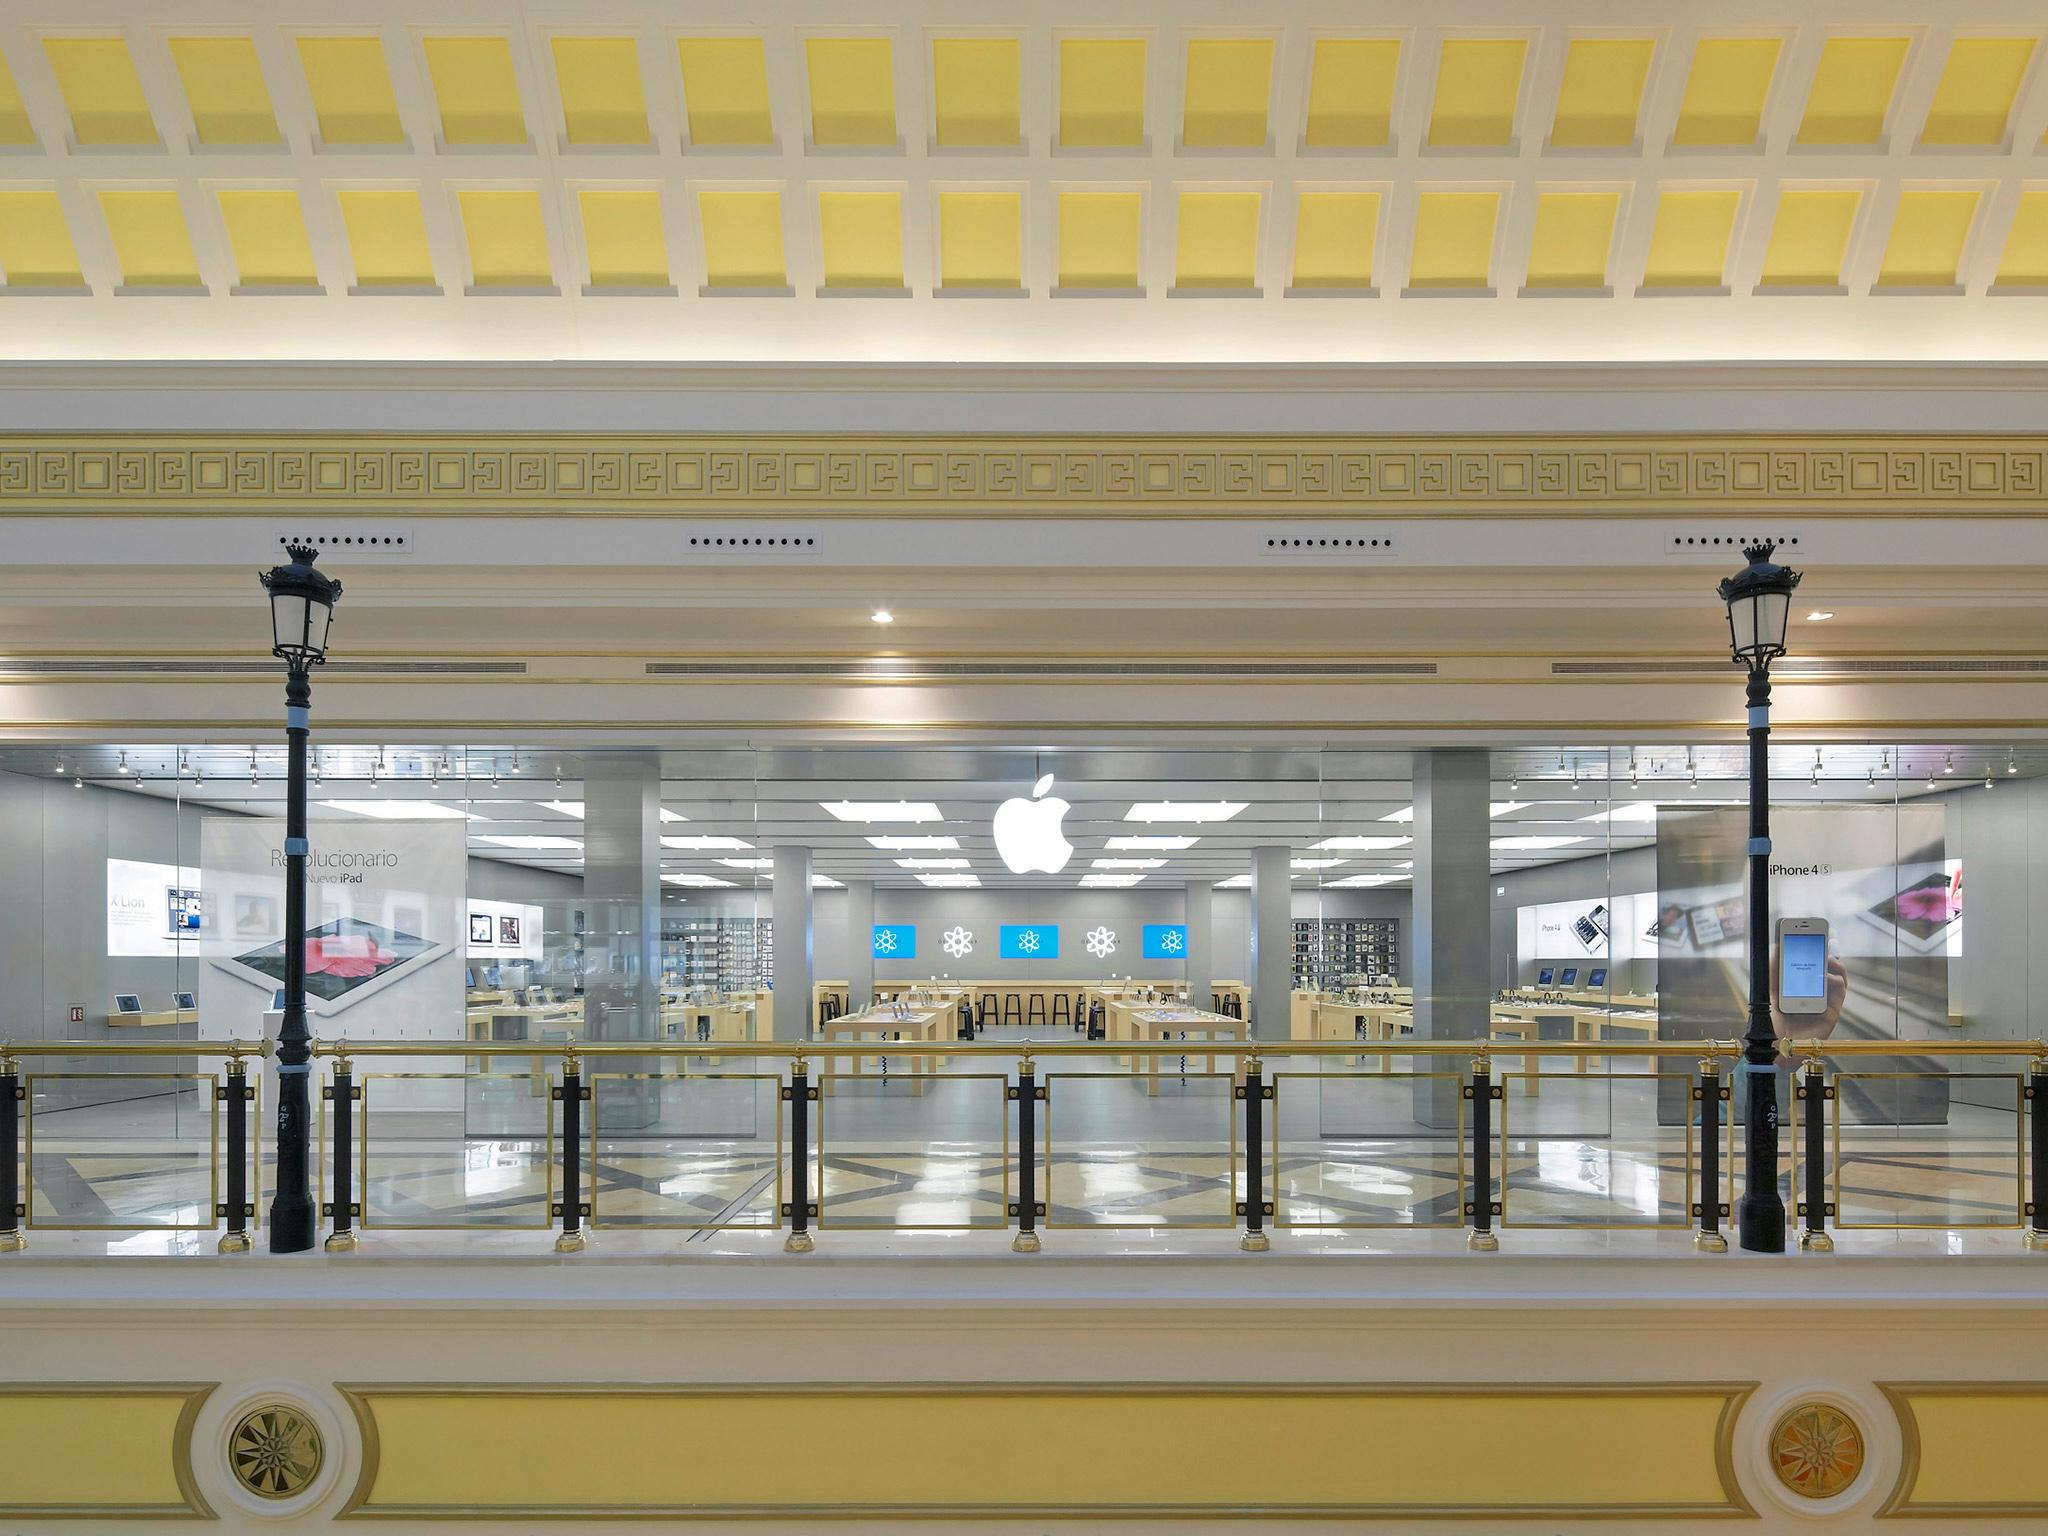 Apple gran plaza 2 electricidad electr nica suministros al por menor majadahonda espa a - Gran plaza norte 2 majadahonda ...